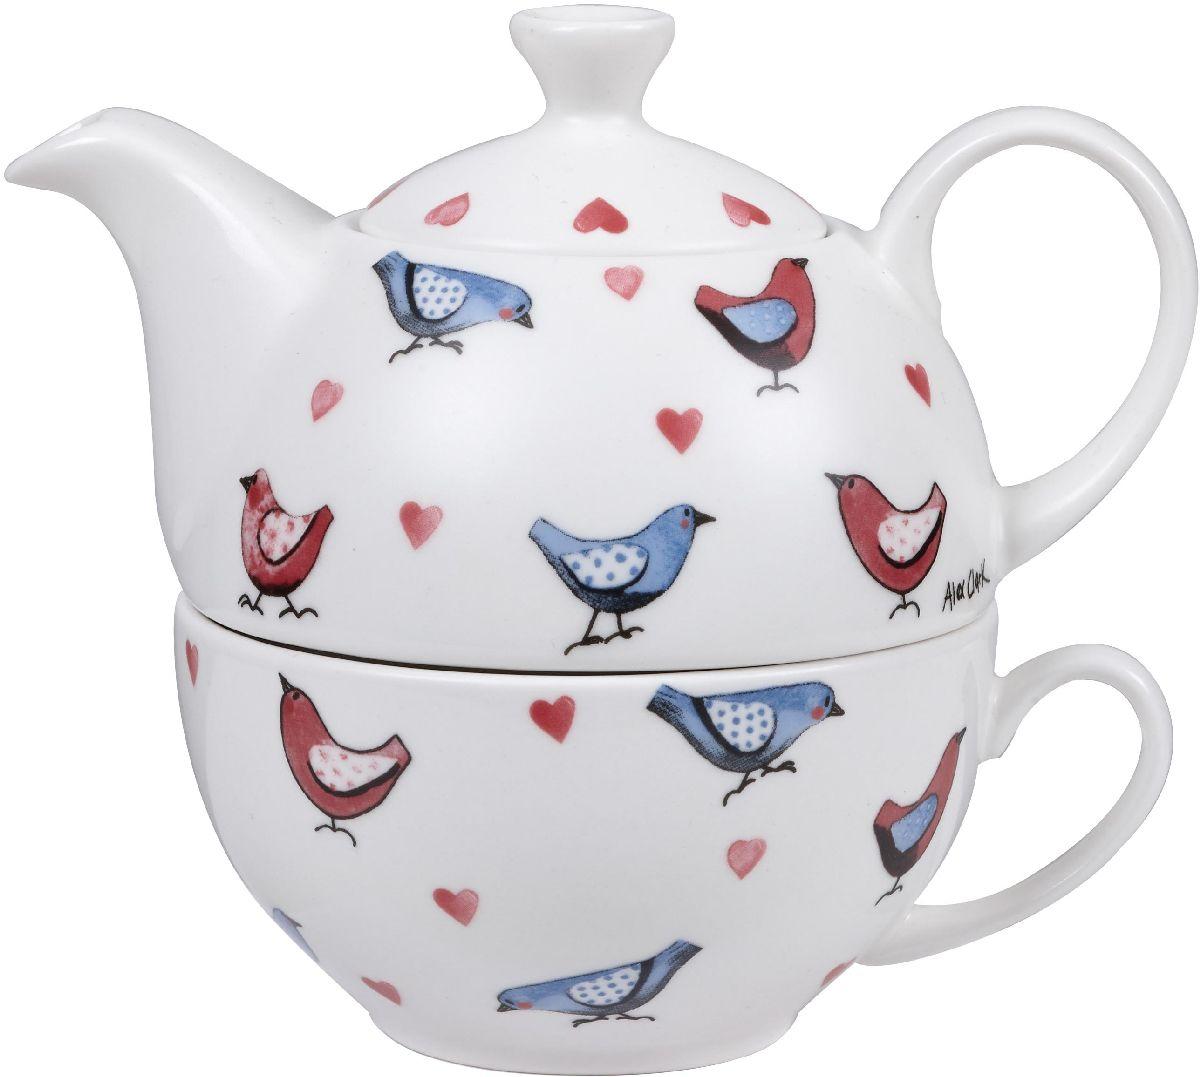 Набор чайный Churchill Птички, 2 предмета. ACLB00121ACLB00121Коллекция Птички - уникальное сочетание живой природы и прекрасные воспоминания из детства. Легкий и простой дизайн с пастельными красками идеально подойдет для любой кухни.